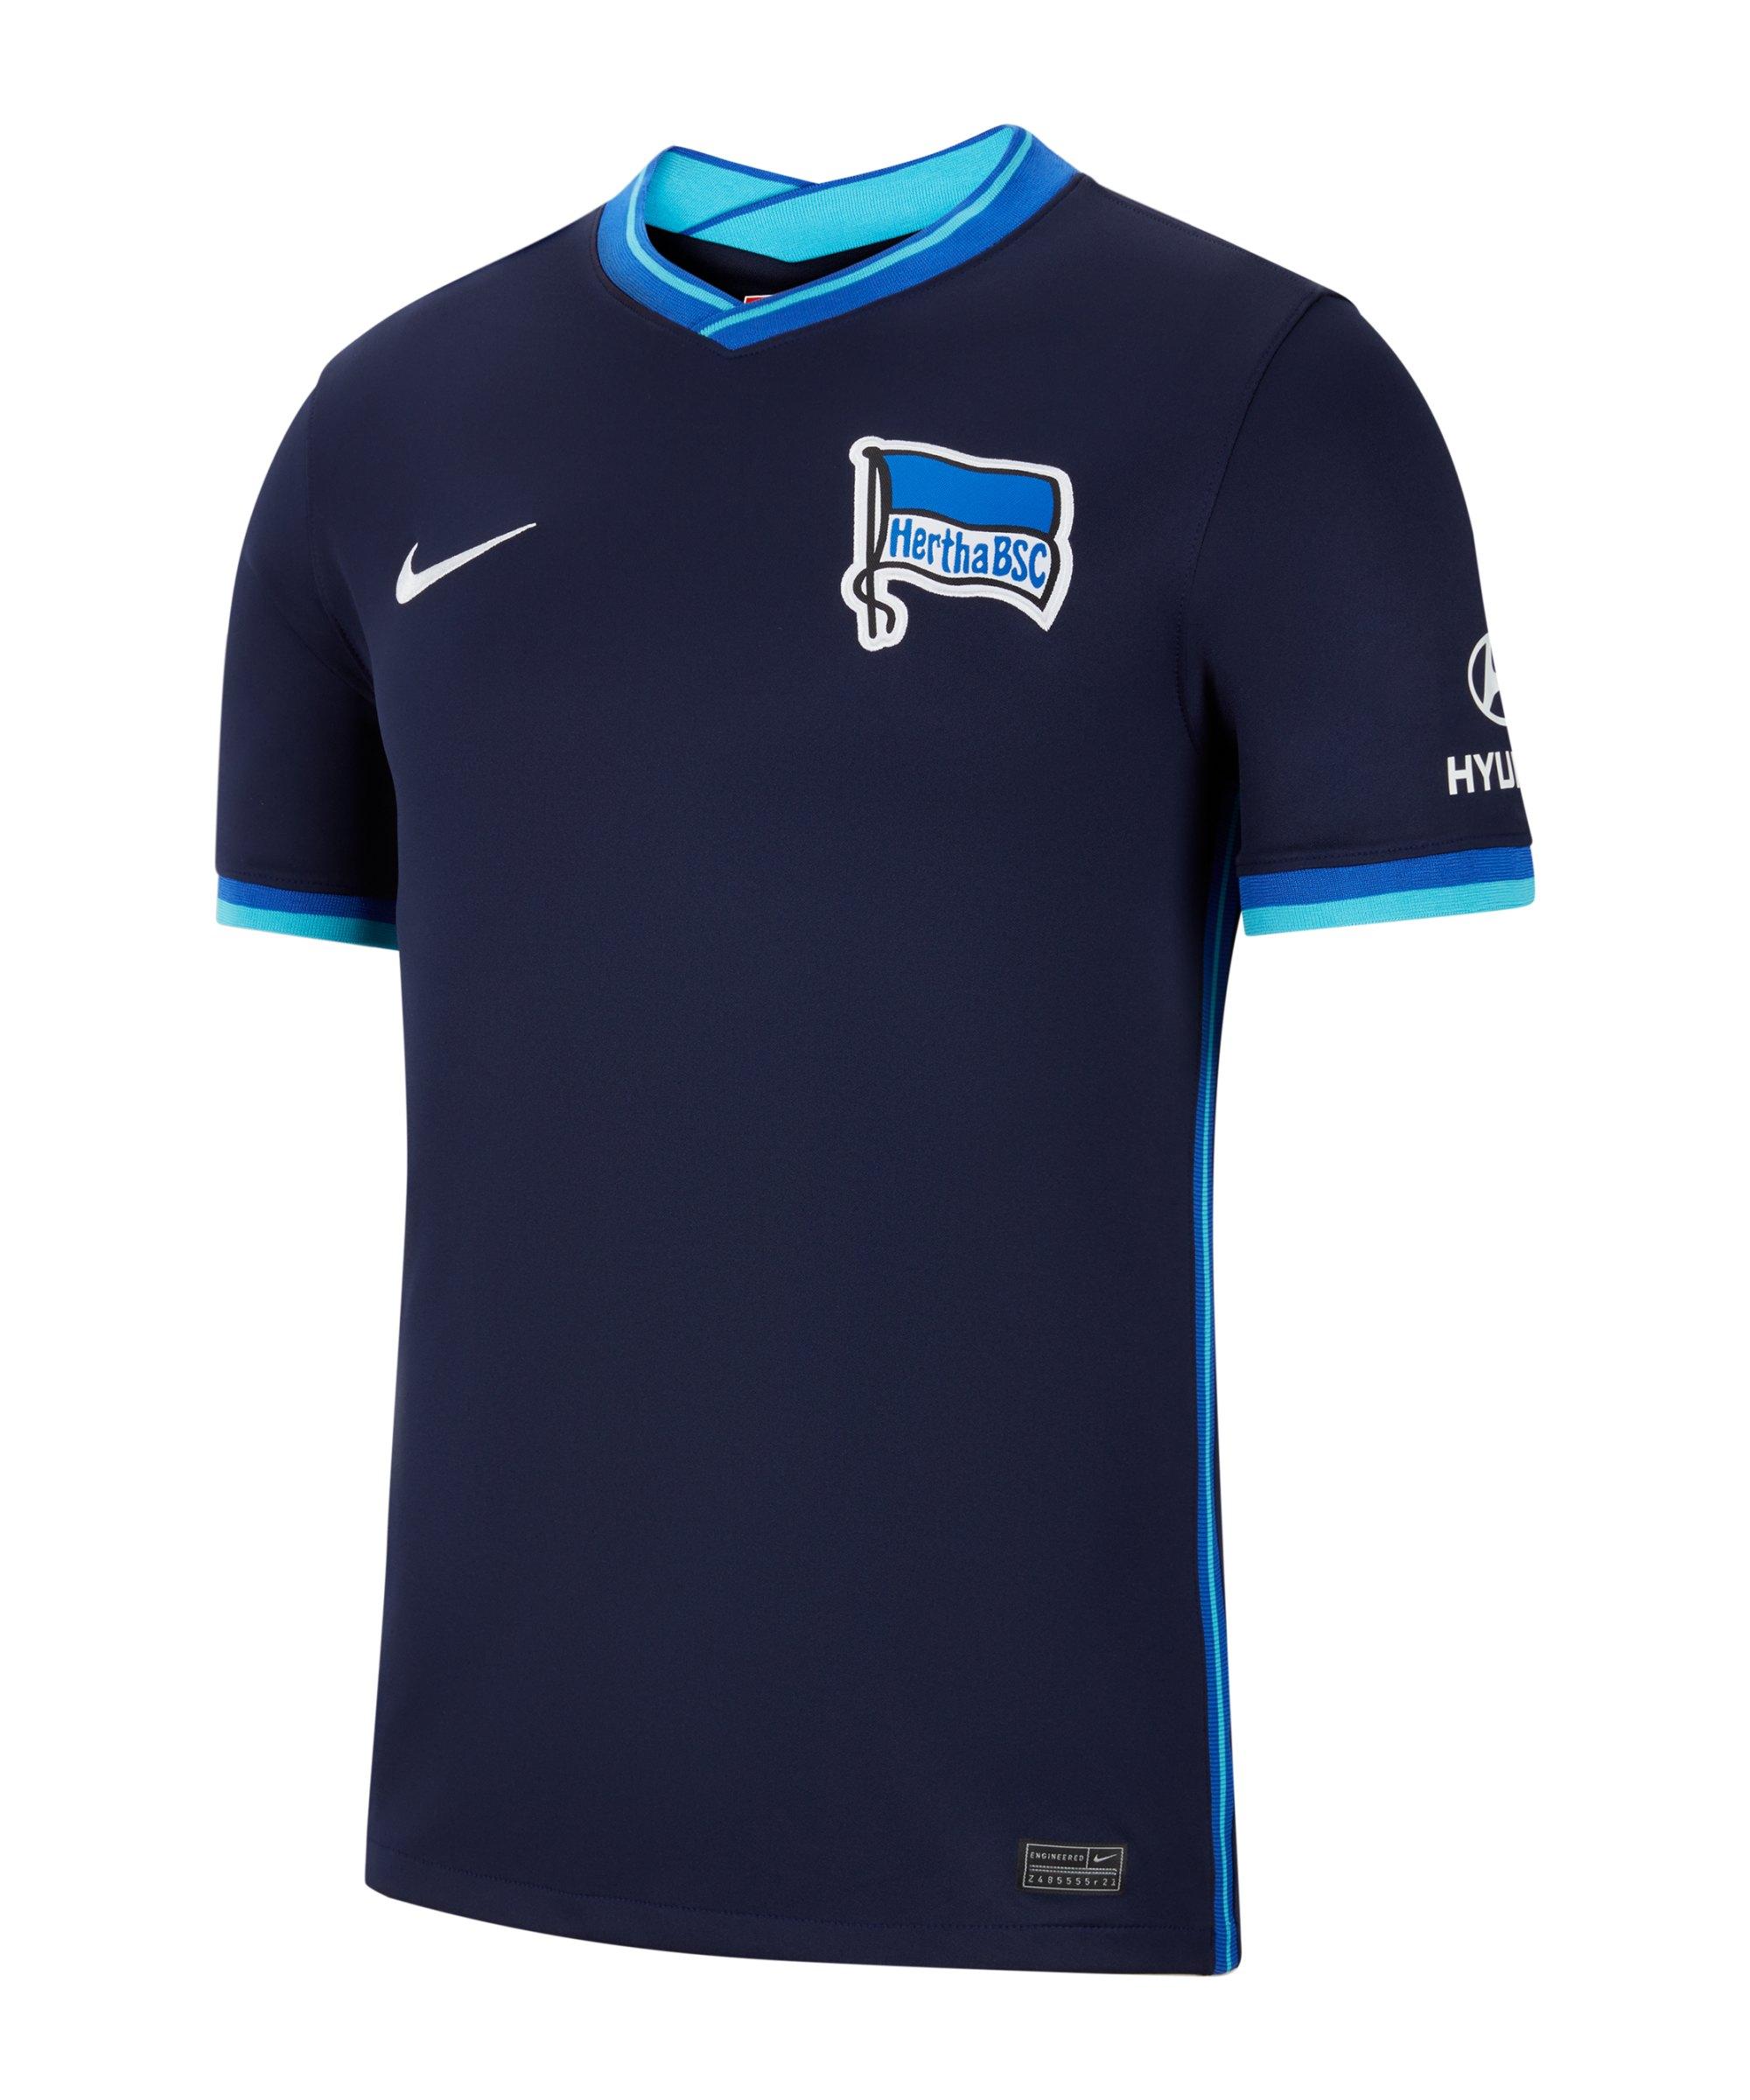 Nike Hertha BSC Trikot Away 2021/2022 Blau F499 - blau